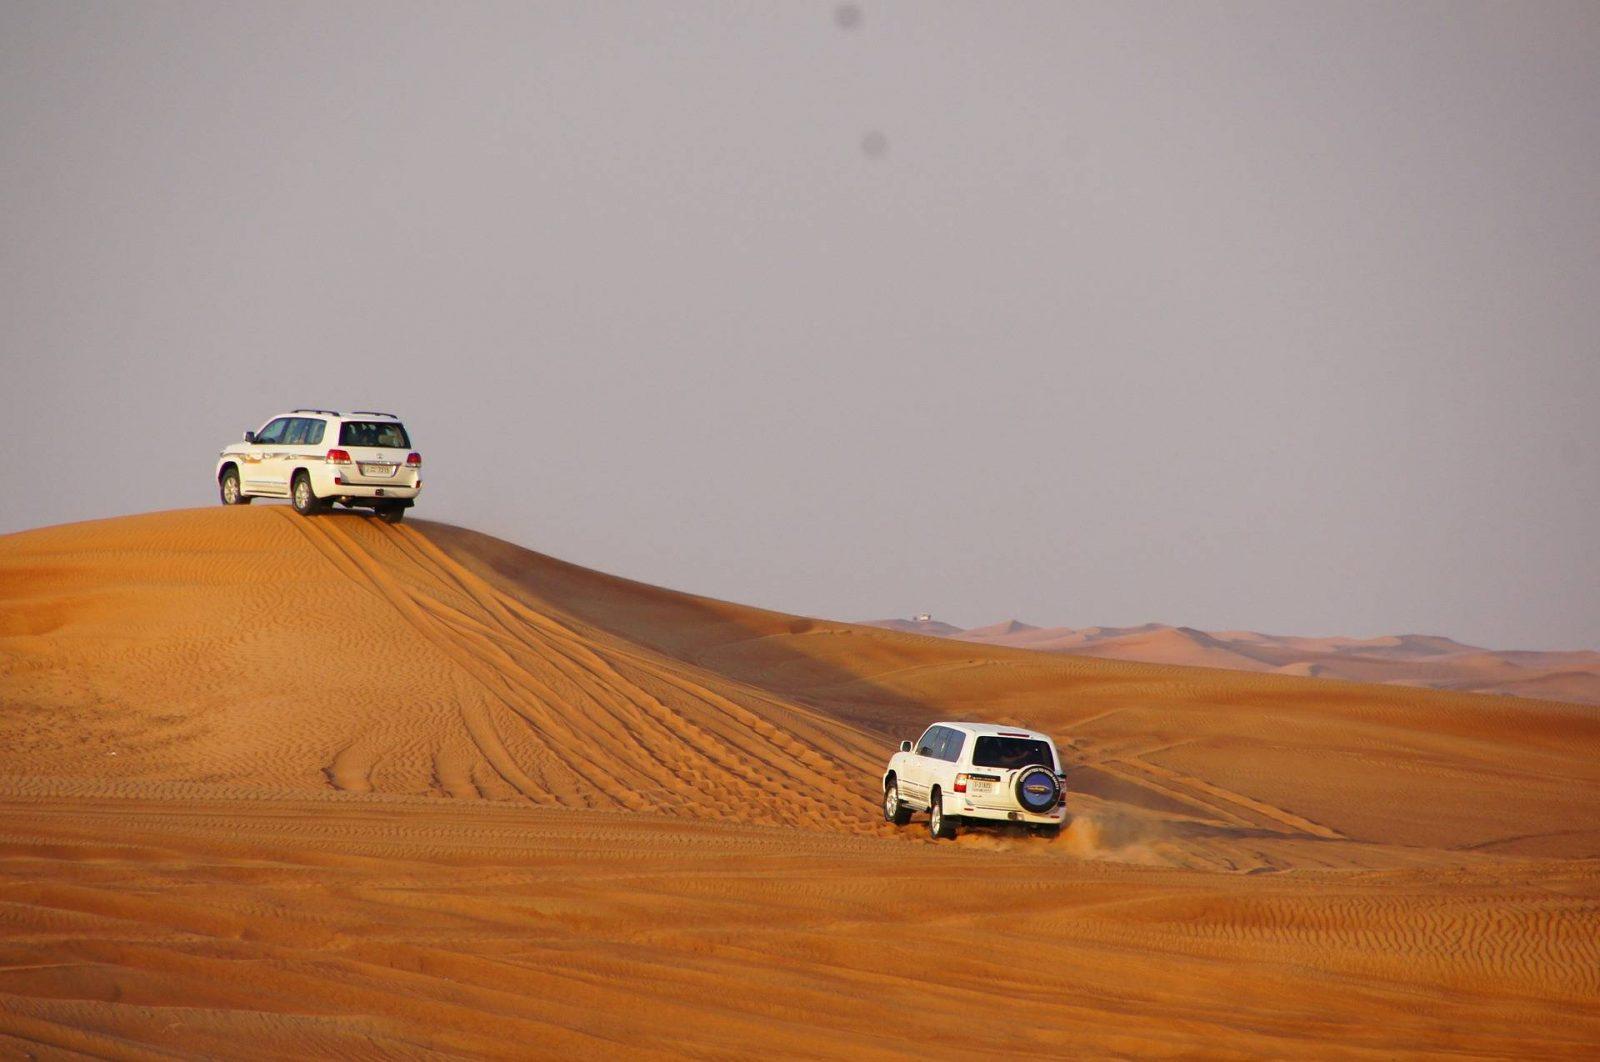 6 things to do in Abu Dhabi, desert safari